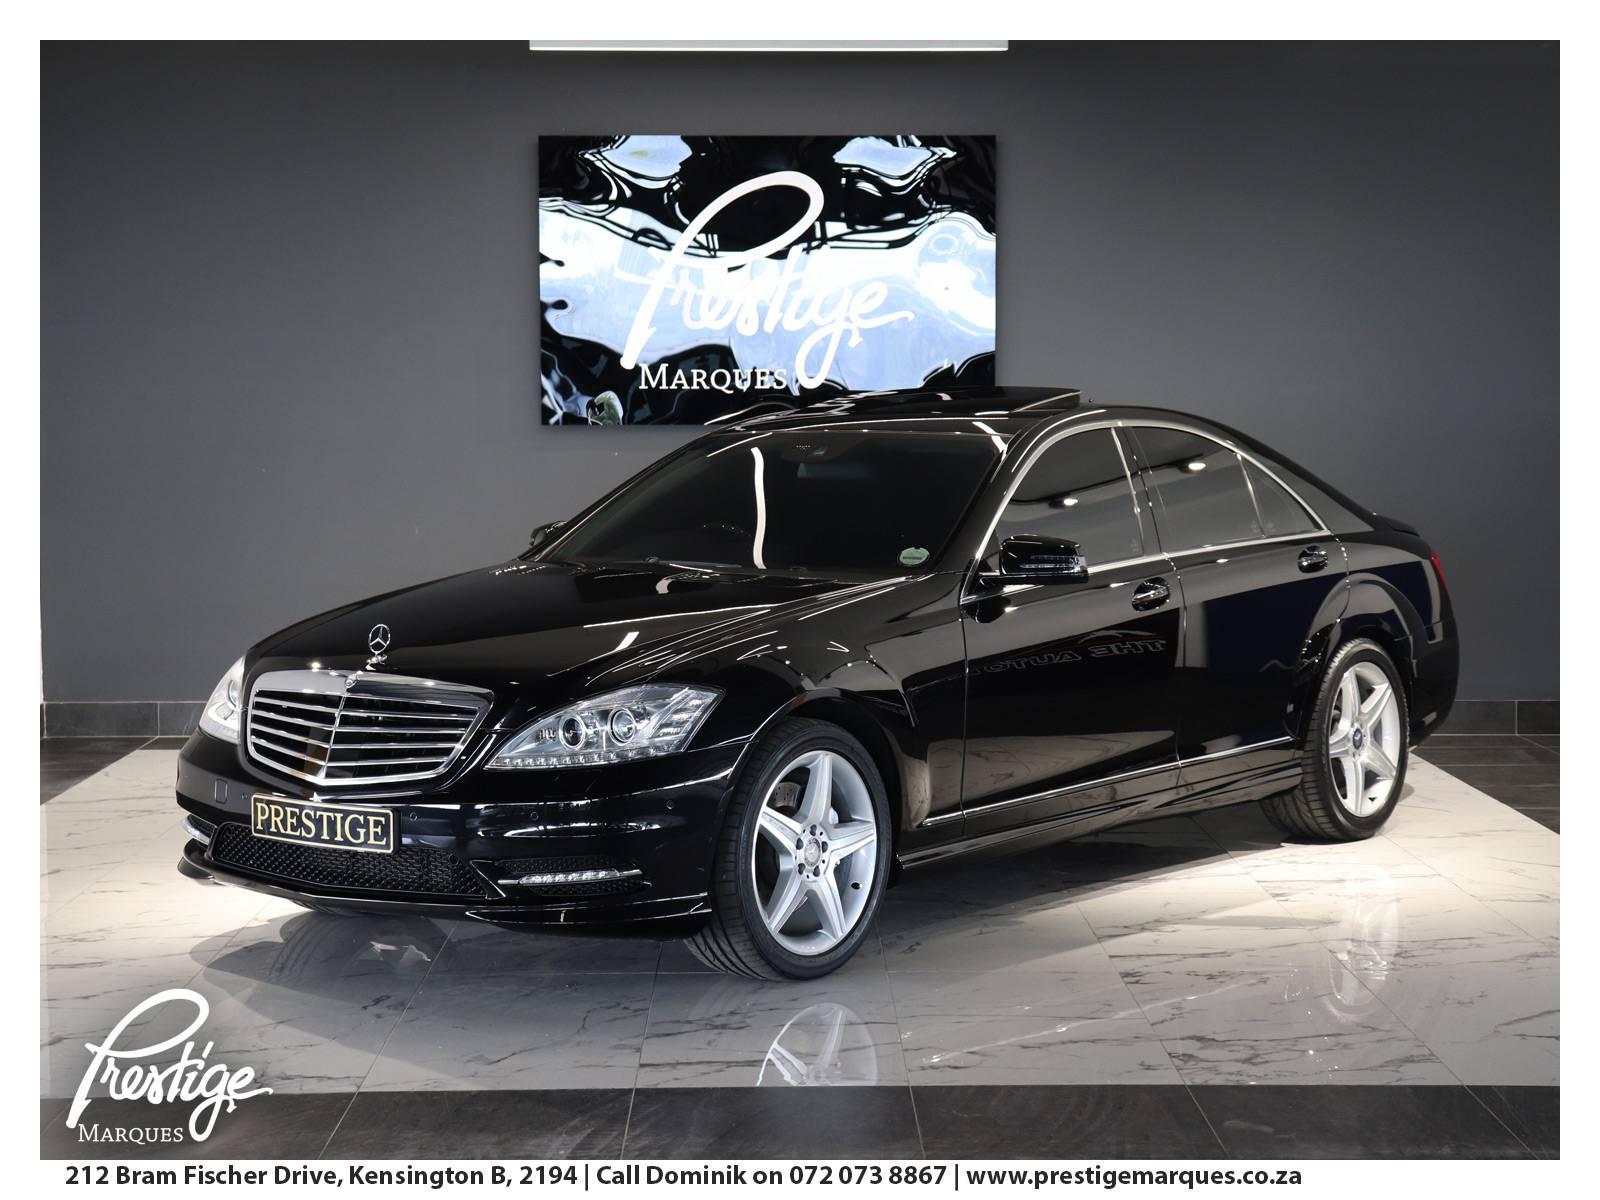 2011-Mercedes-Benz-S350-Prestige-Marques-Randburg-Sandton-6